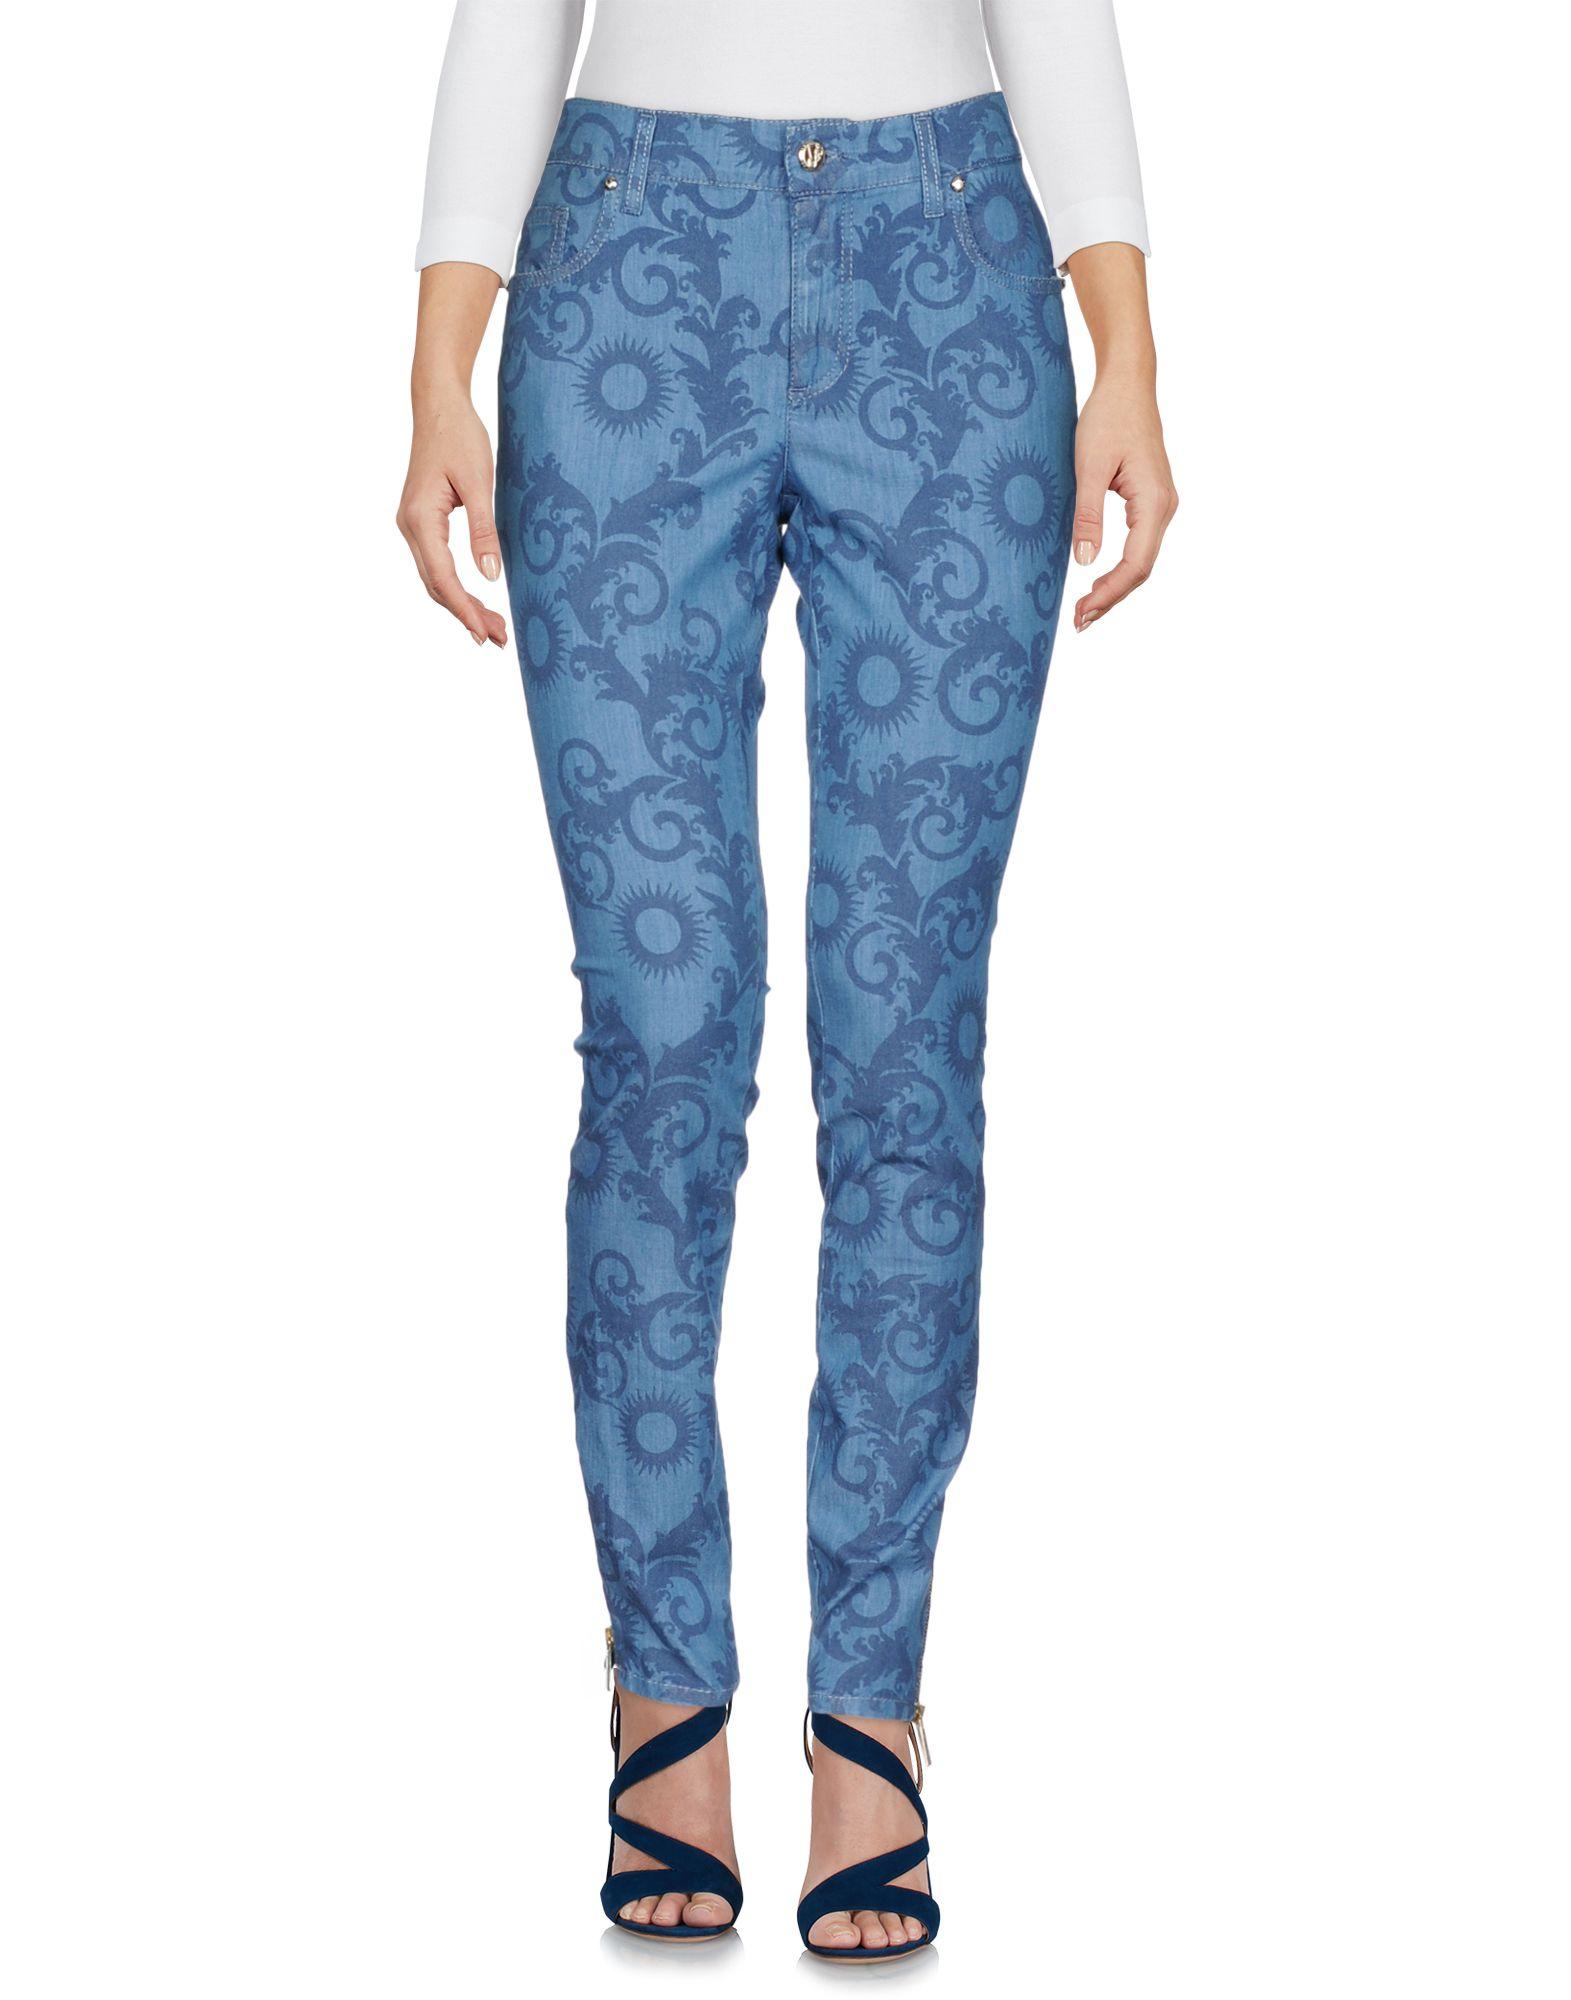 Pantaloni Jeans Versace Jeans Donna - Acquista online su hgwq4